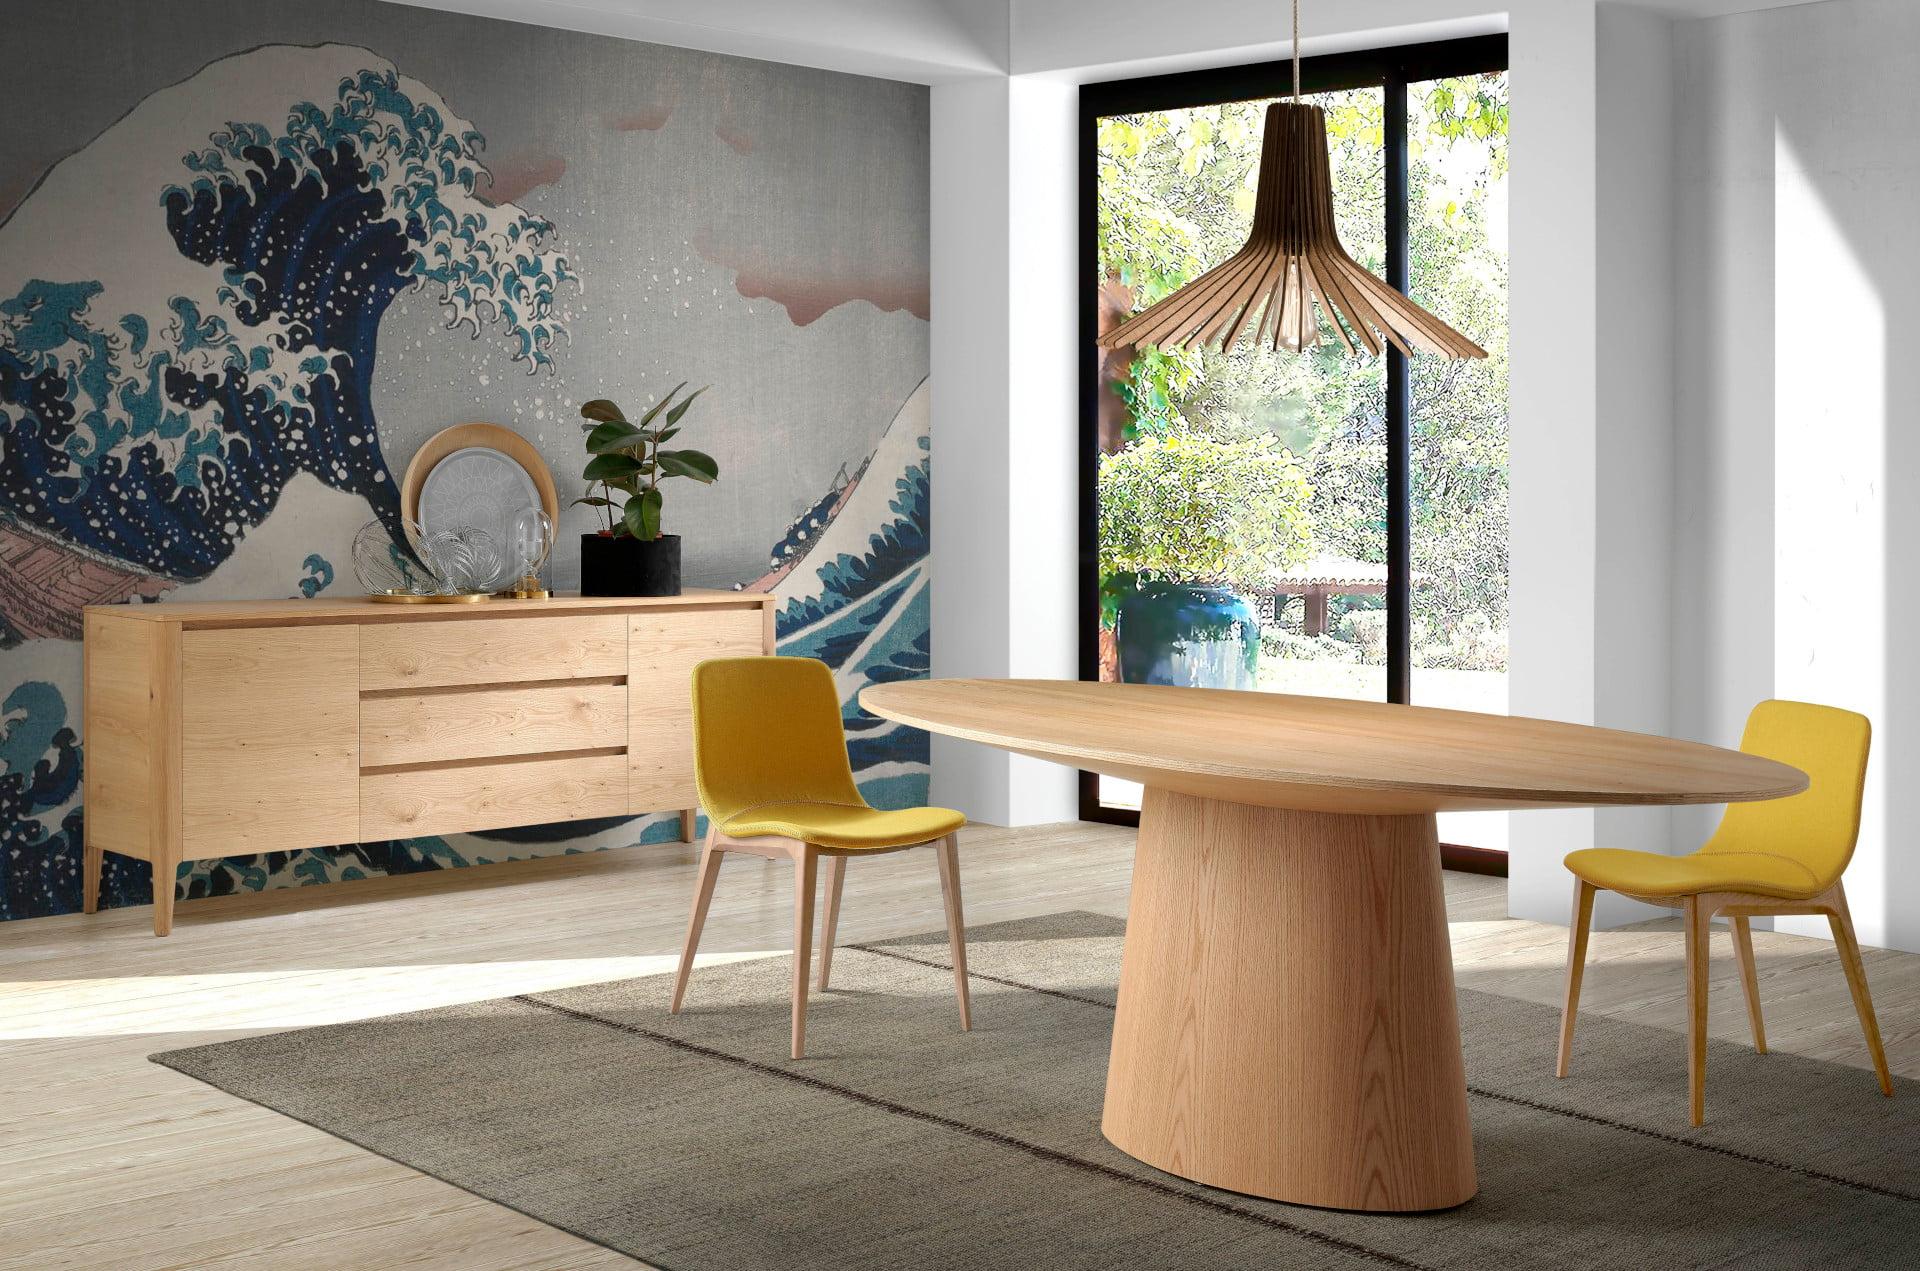 Muebles Alta Gama : Angel cerdá mueble de diseño italiano